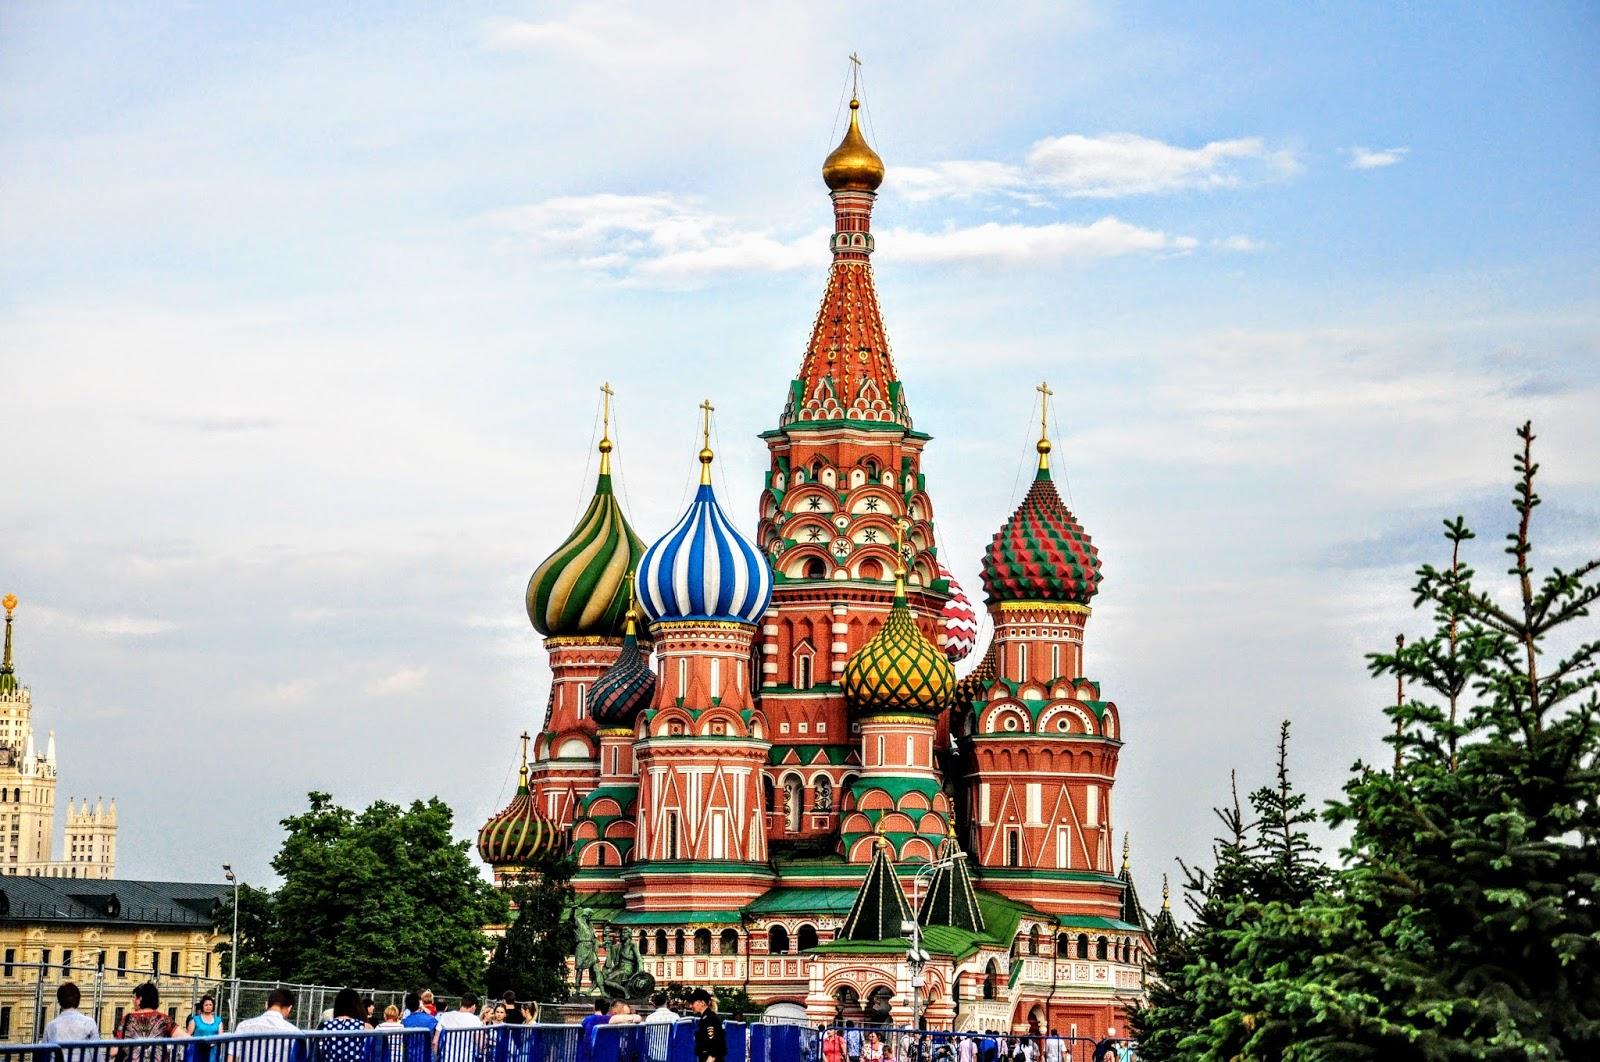 等您去旅行 . . .: 【大東歐2013通通遊】俄羅斯(6)莫斯科(1)!